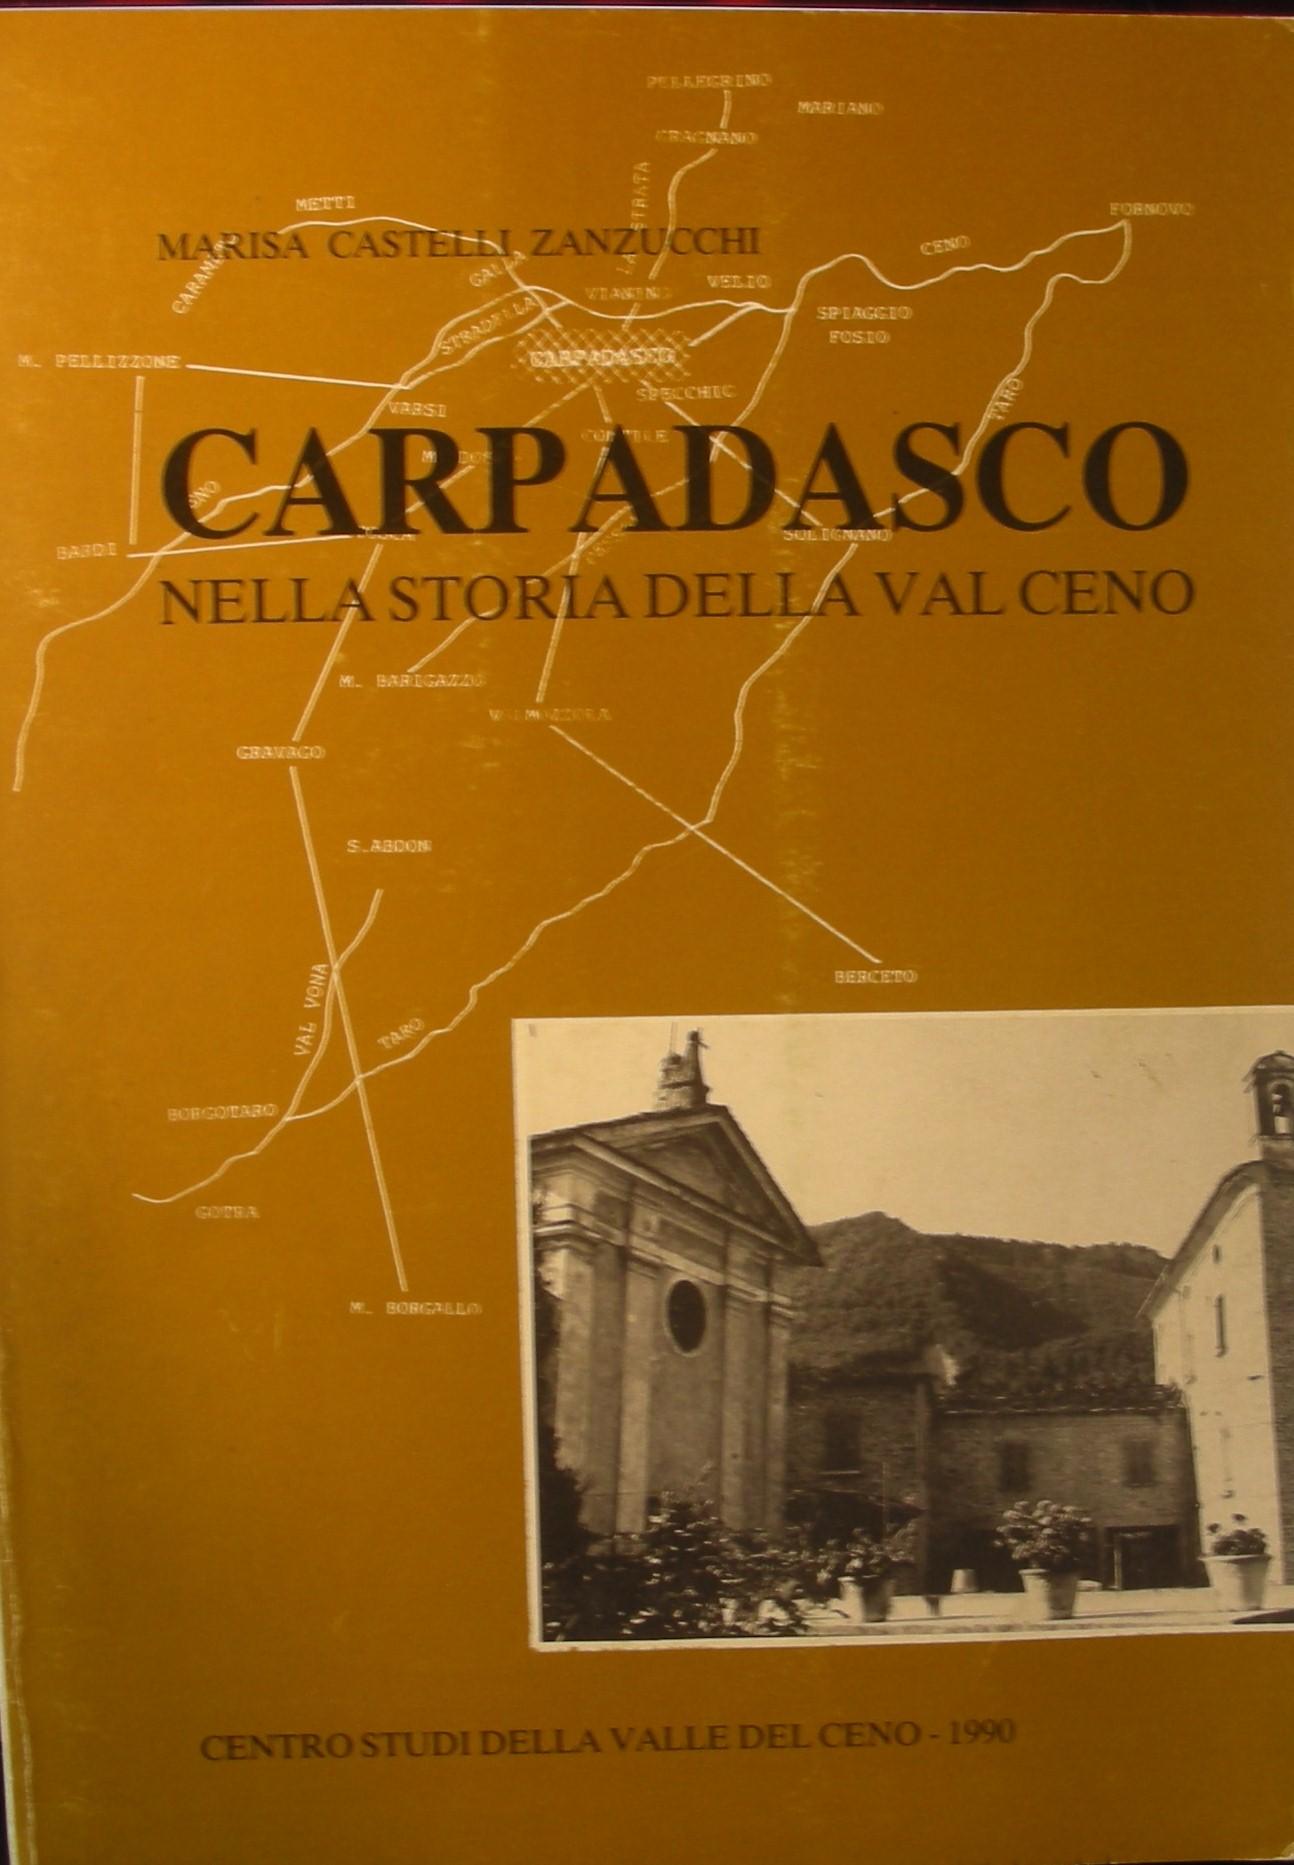 Carpadasco nella storia della Val Ceno